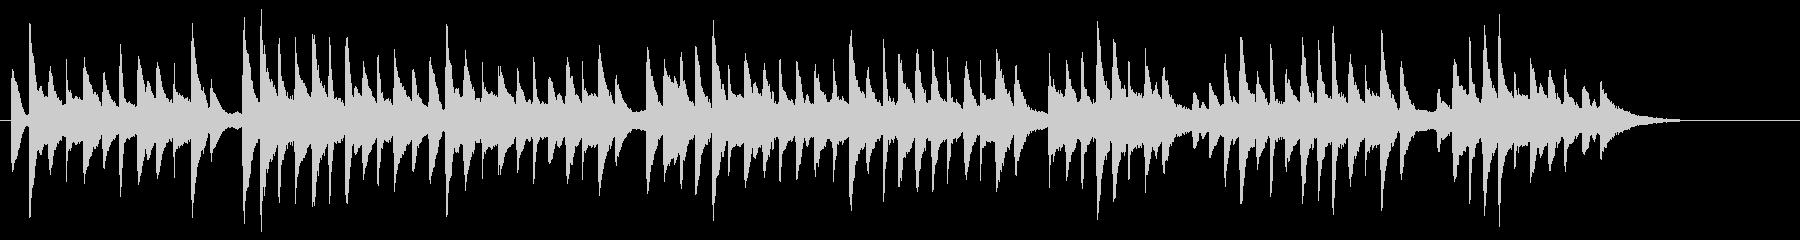 サティっぽいシンプルなBGMソロピアノの未再生の波形